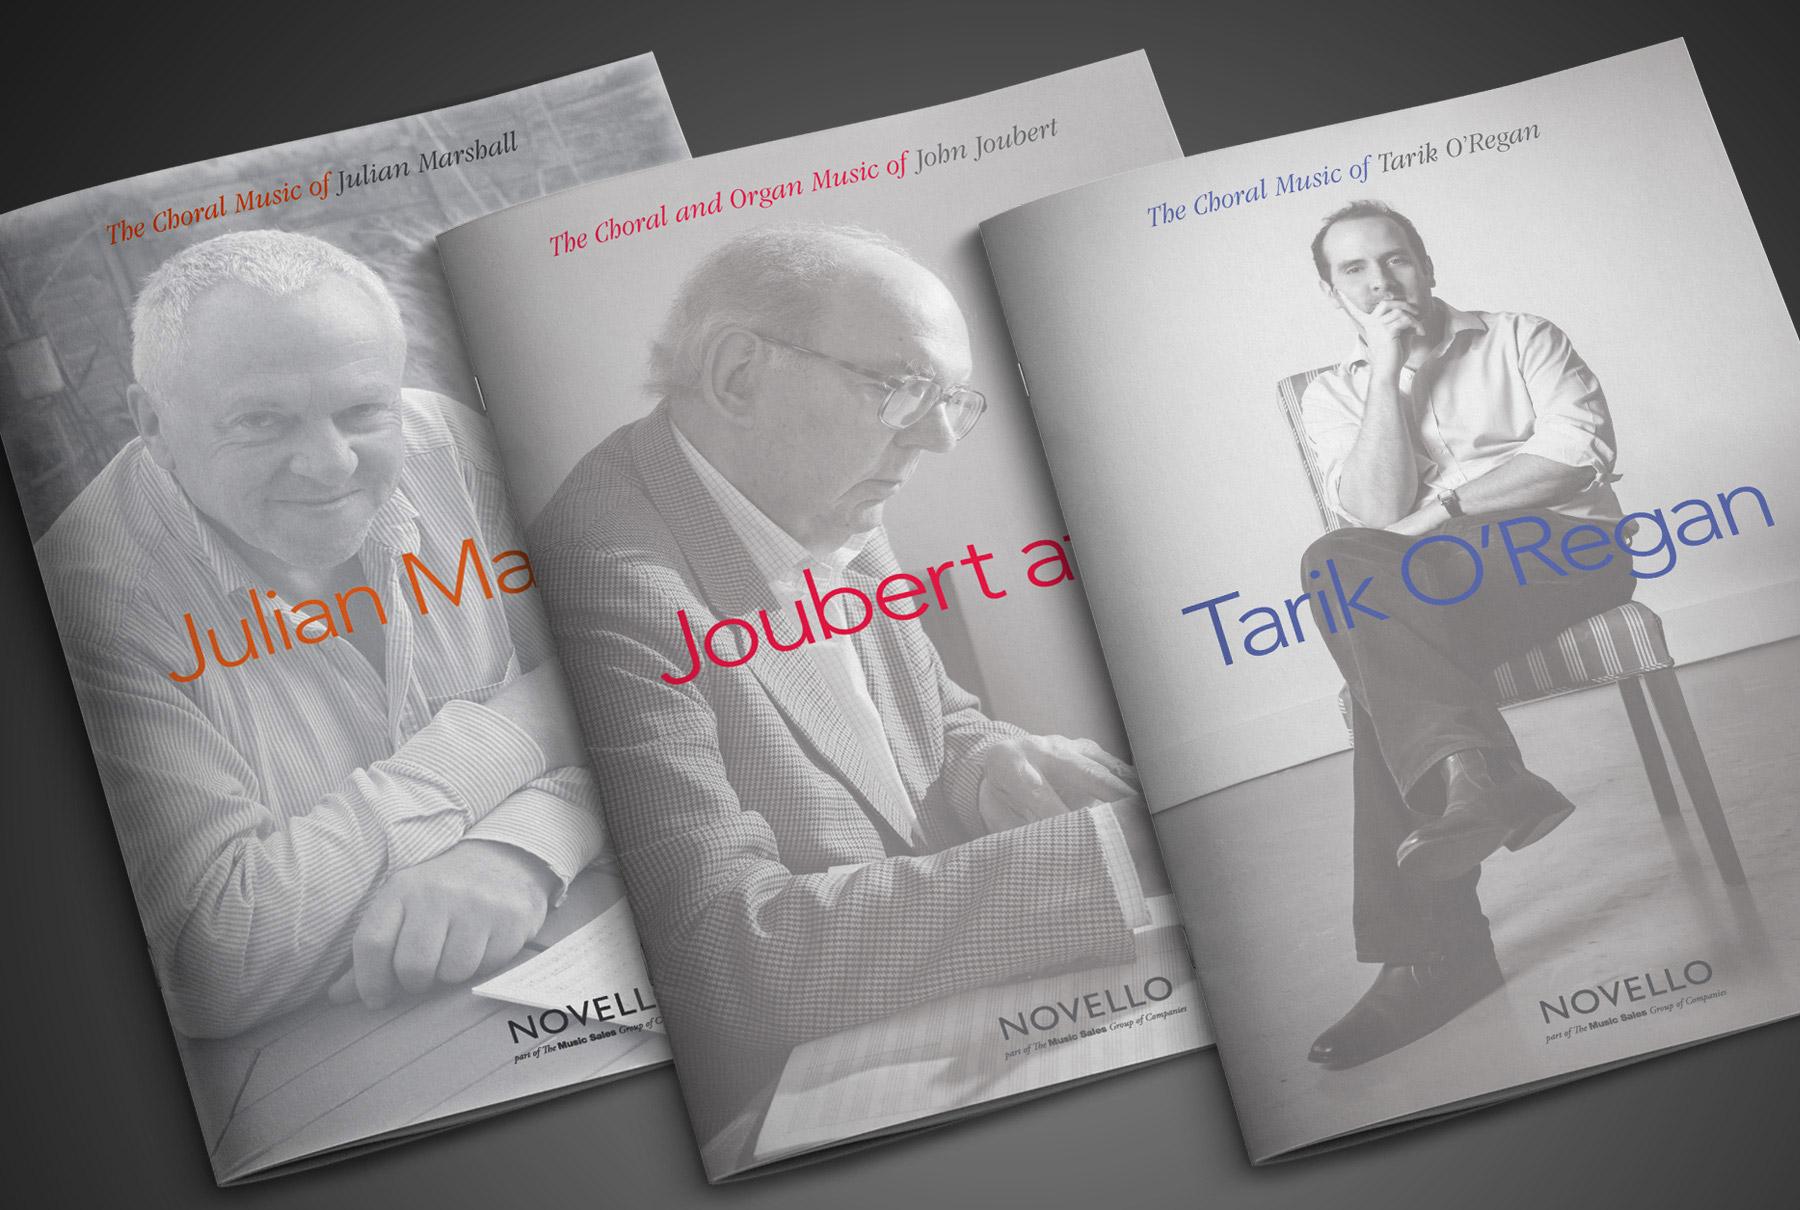 Novello Catalogues